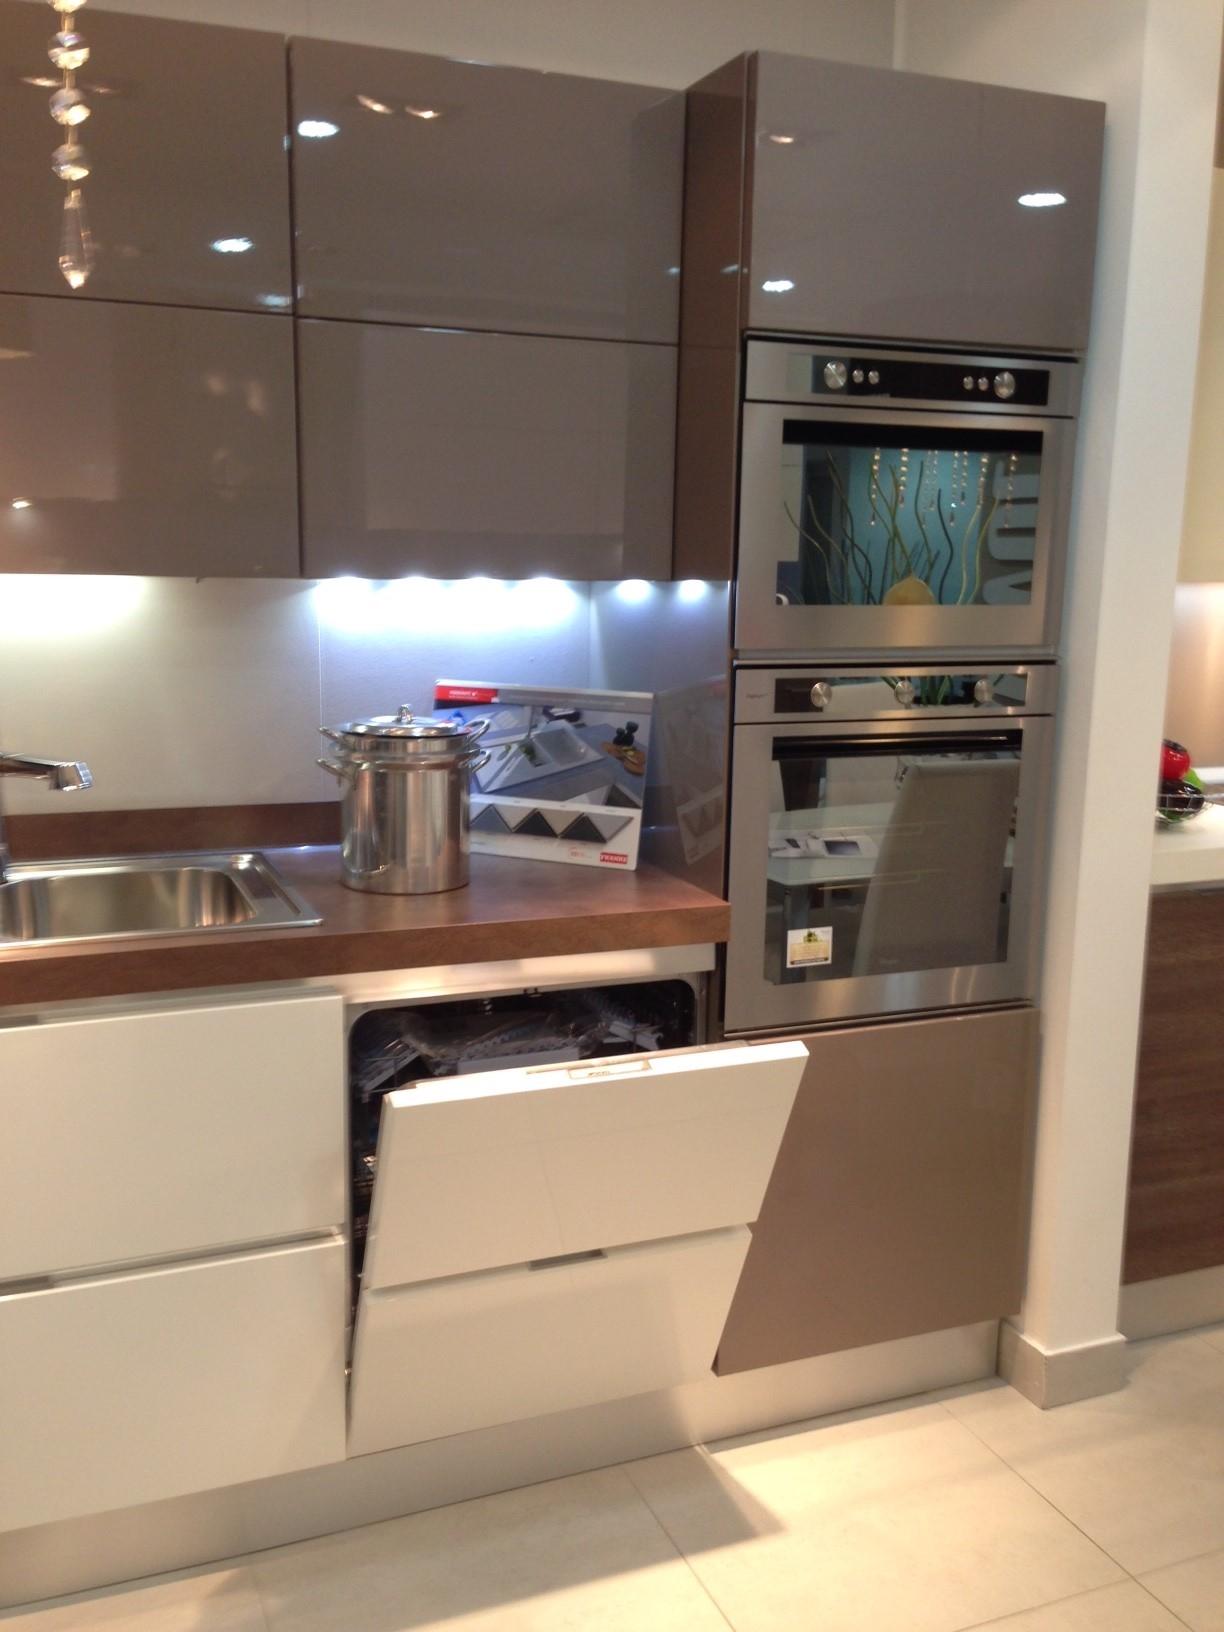 Beautiful cucina sax scavolini prezzo contemporary ideas - Cucina frozen prezzo ...